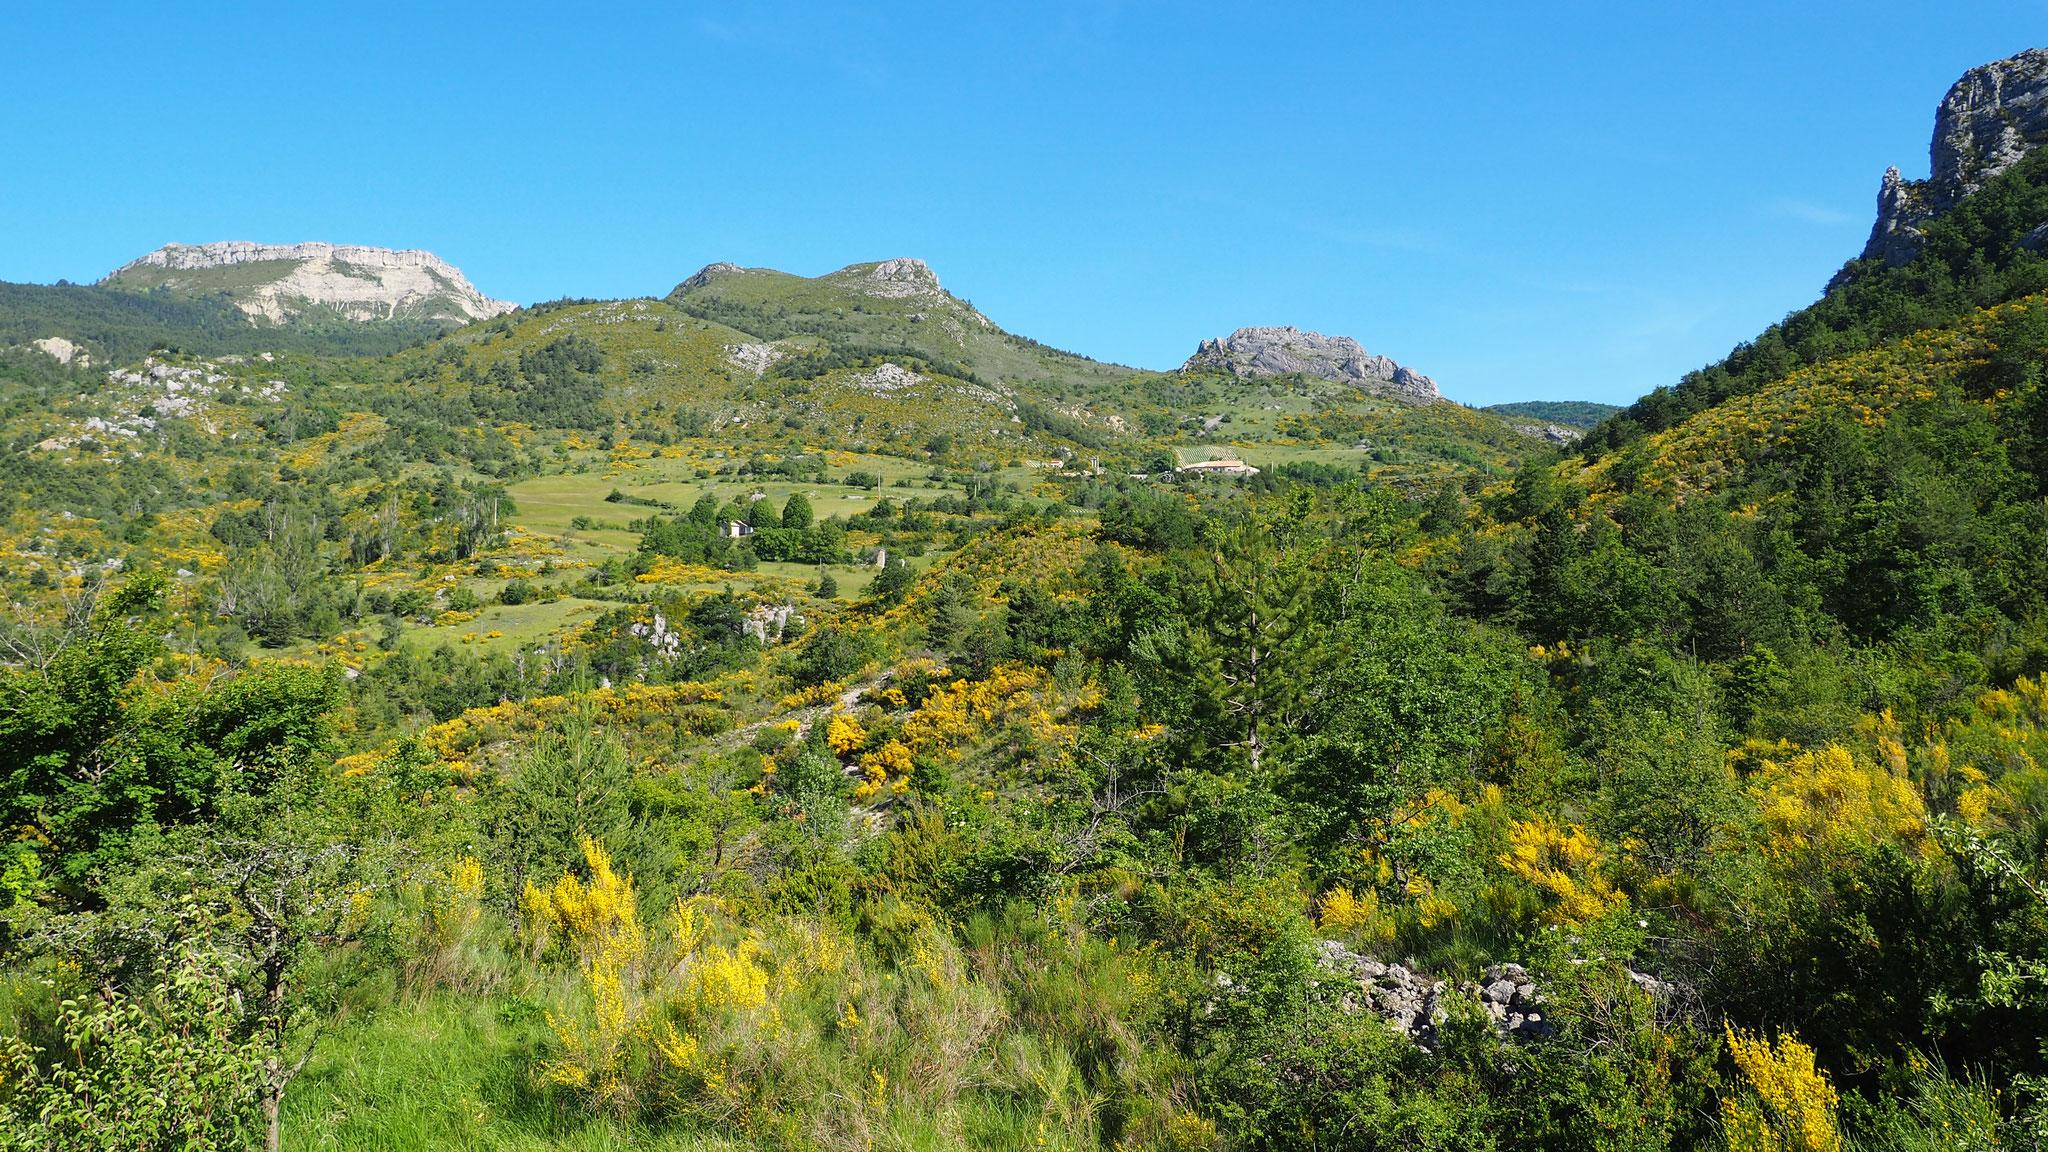 En balade près d'Izon. Izon Nature : hébergements et table d'hôtes insolites et écoresponsables dans la Drôme provençale, trek dans la Méouge